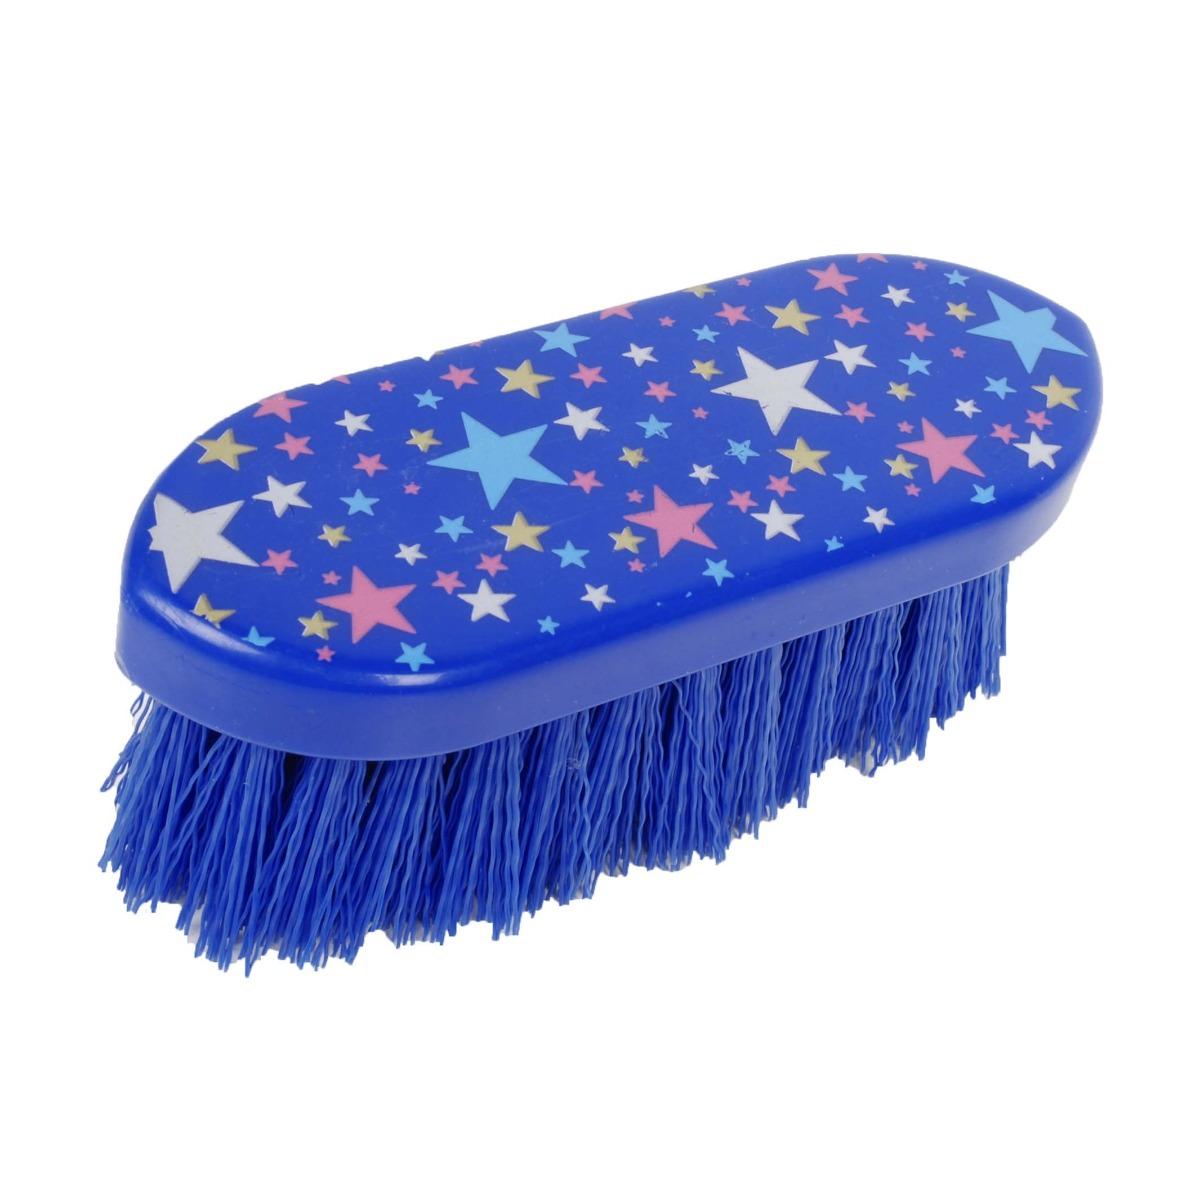 Pagony harde borstel Stars blauw